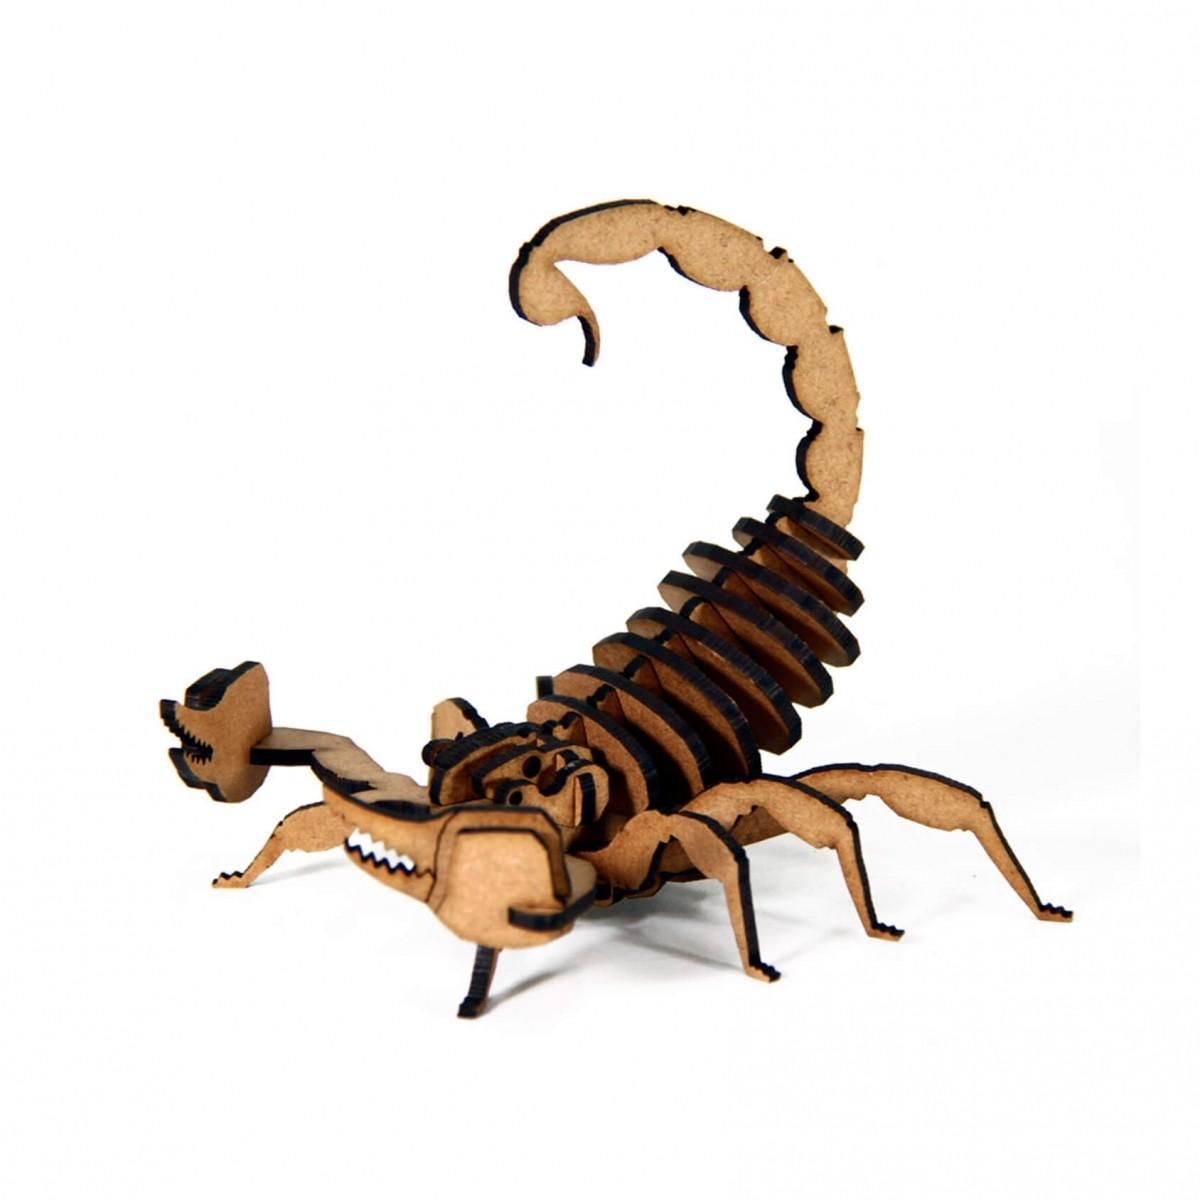 Miniatura para montar Escorpião (Cutz)